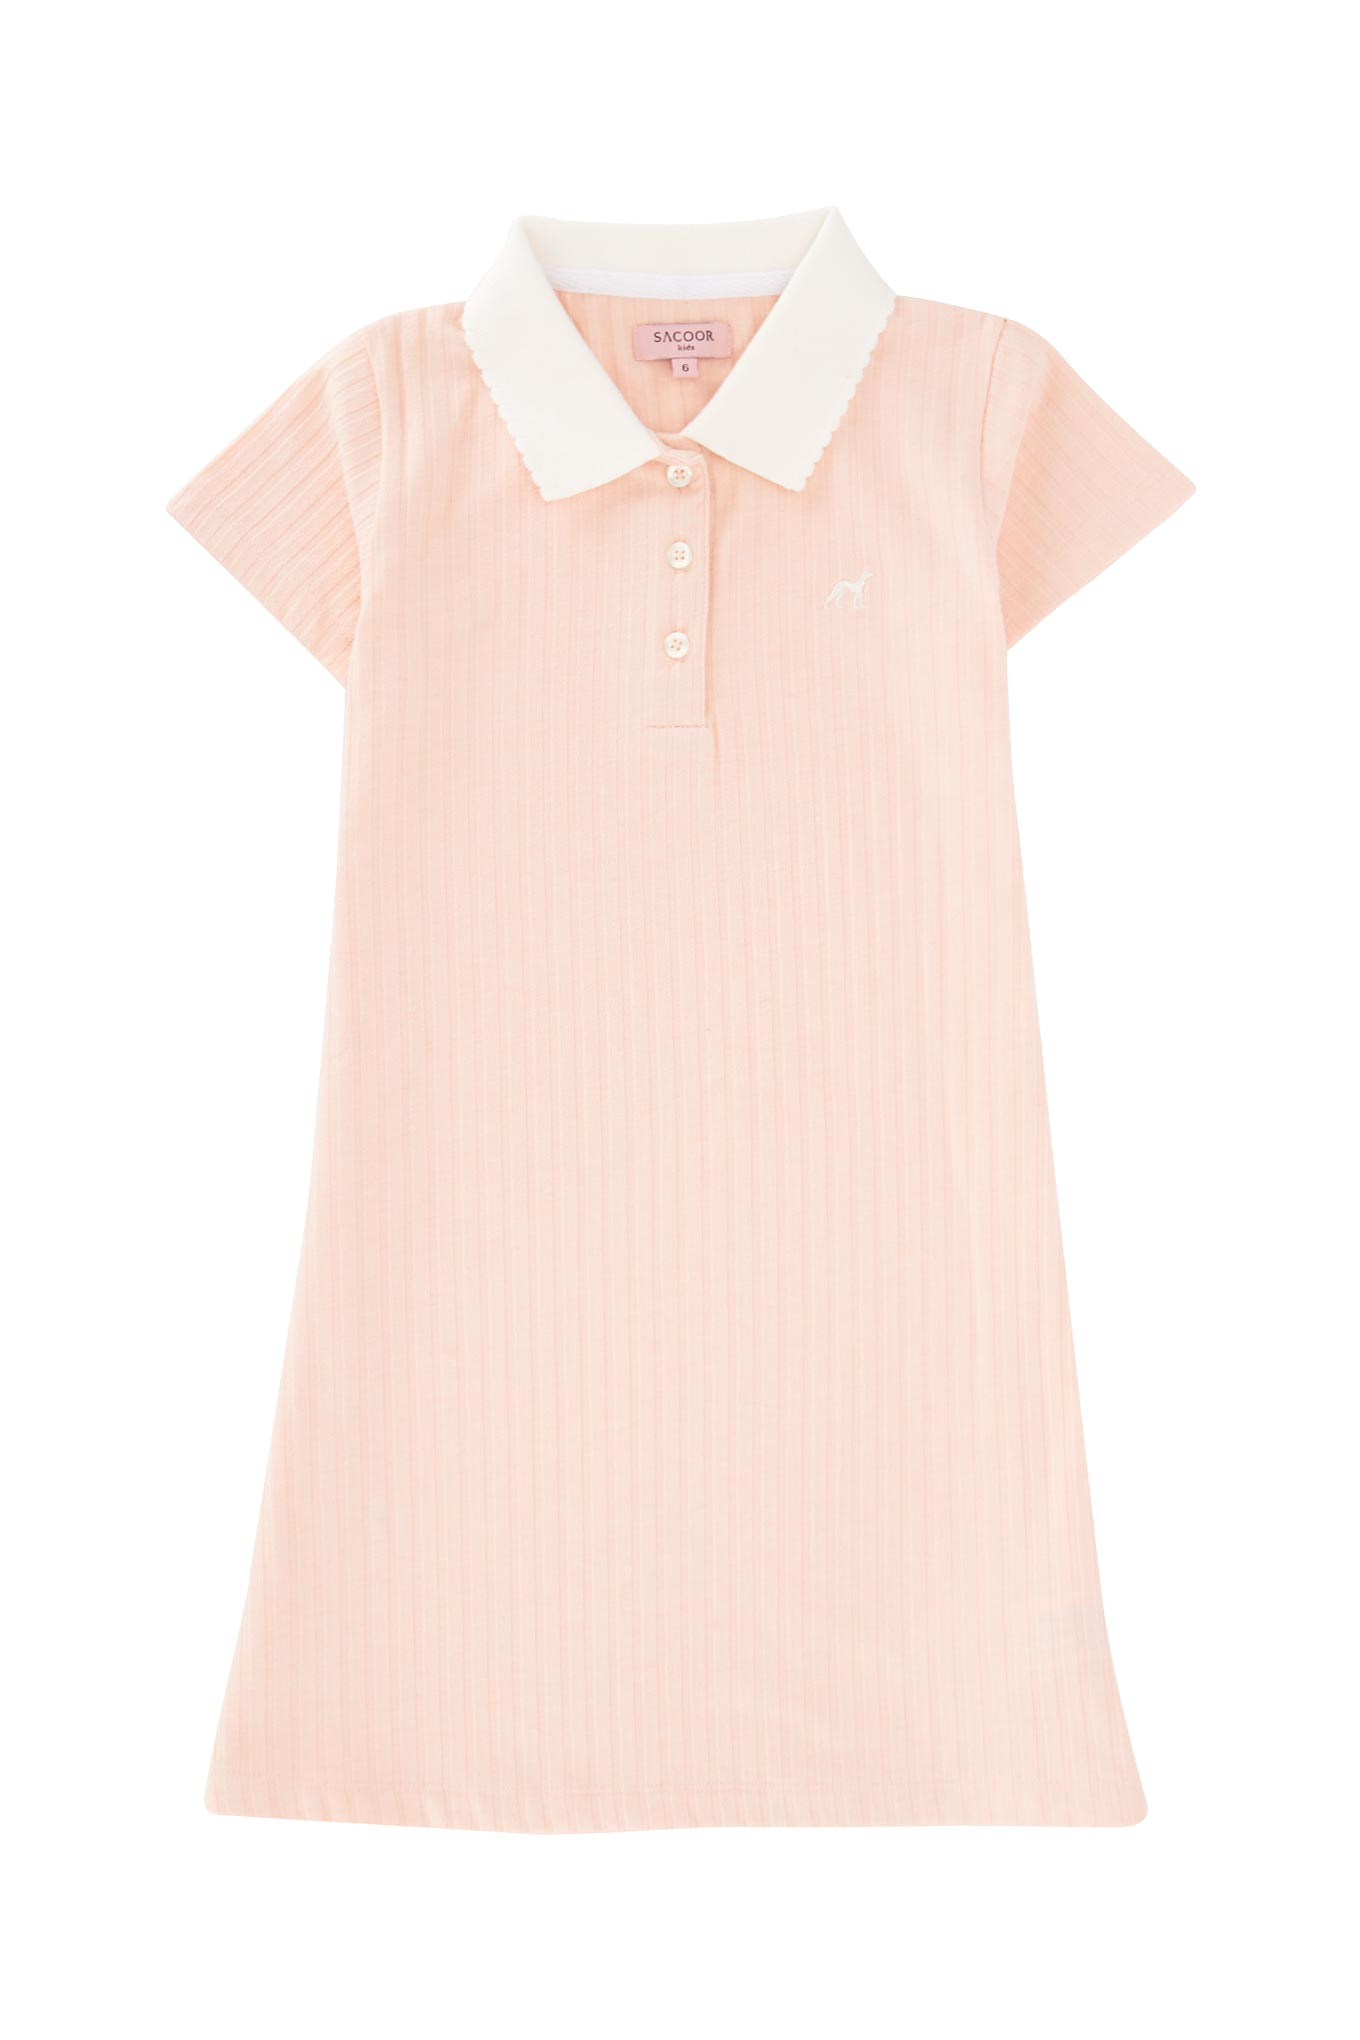 Dress Pink Sport Girl